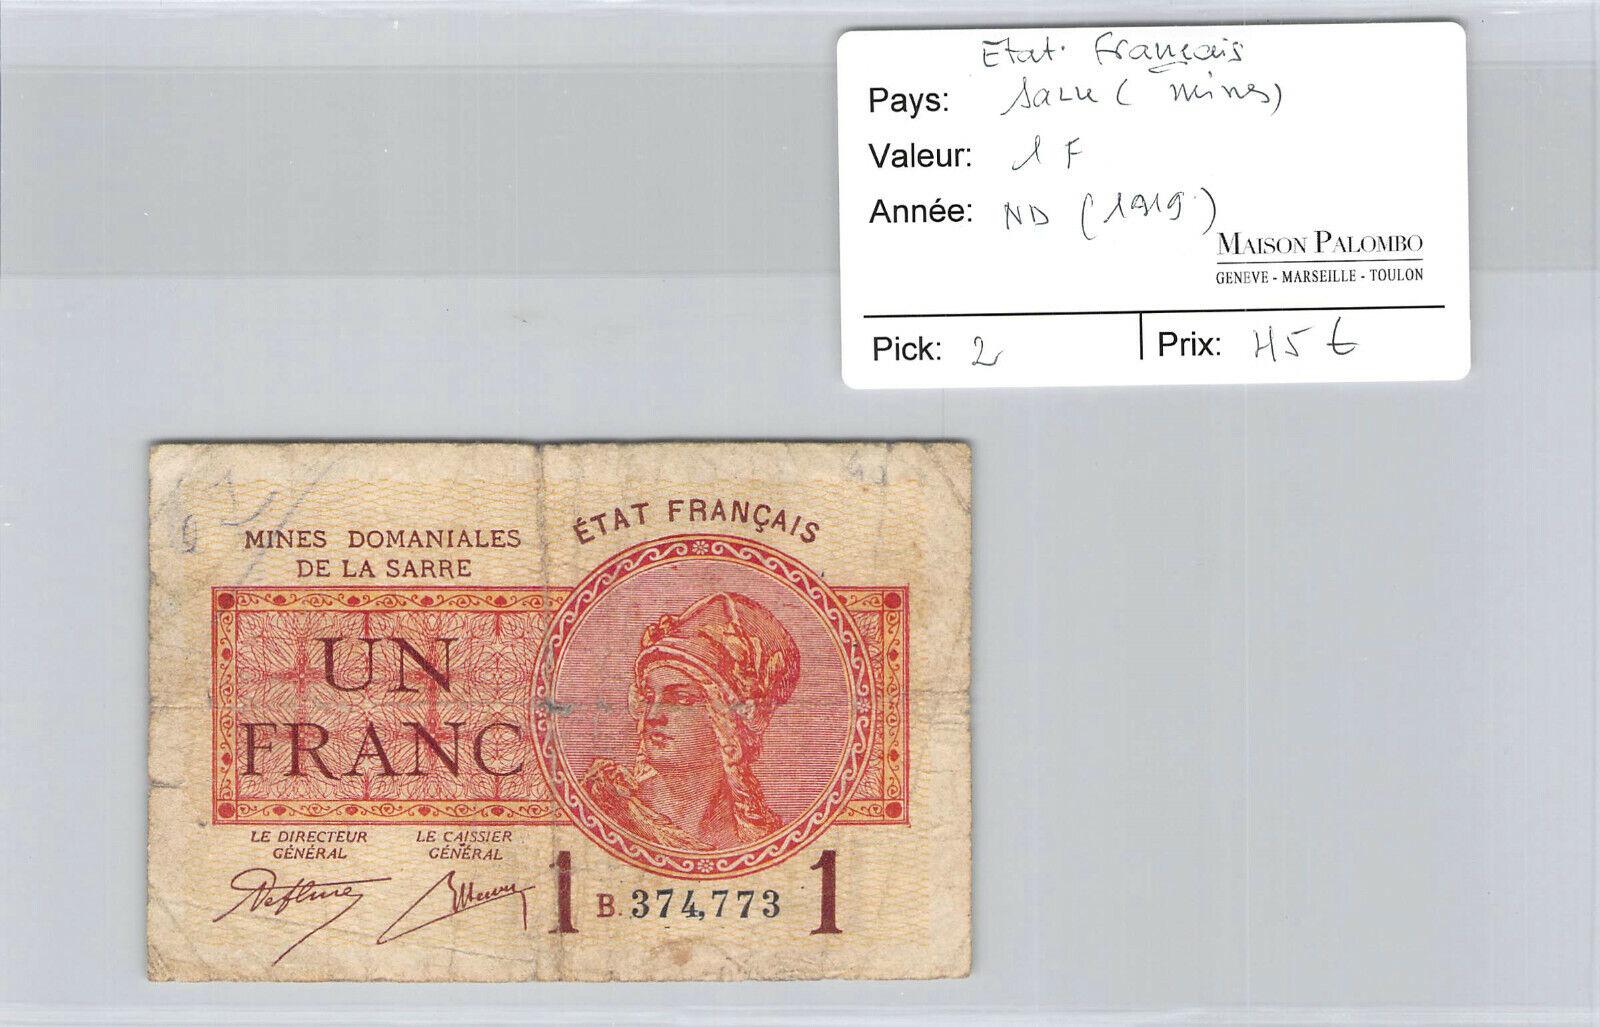 RECTO 1 franc Mines Domaniales de la Sarre Type 1920 - None